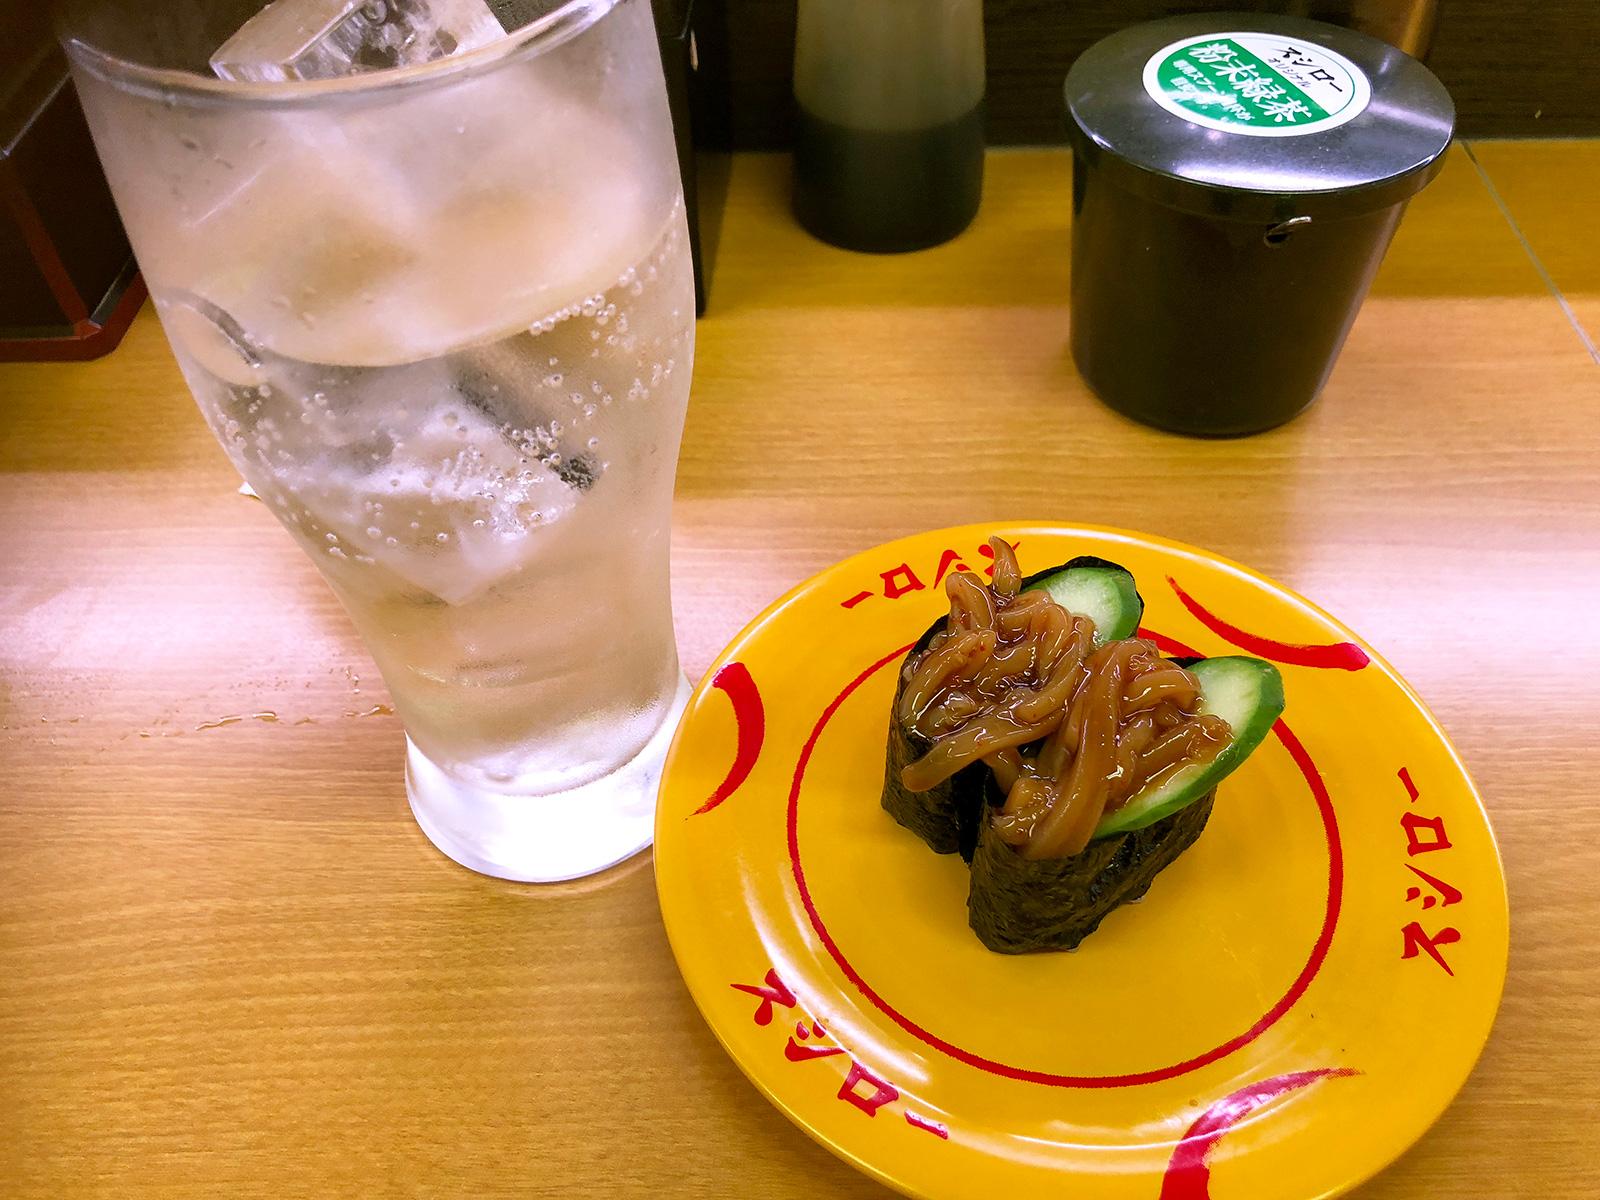 「スシロー清須古城店」のレモンサワーとあおりいか醤油麹漬けとお寿司いろいろ @西枇杷島